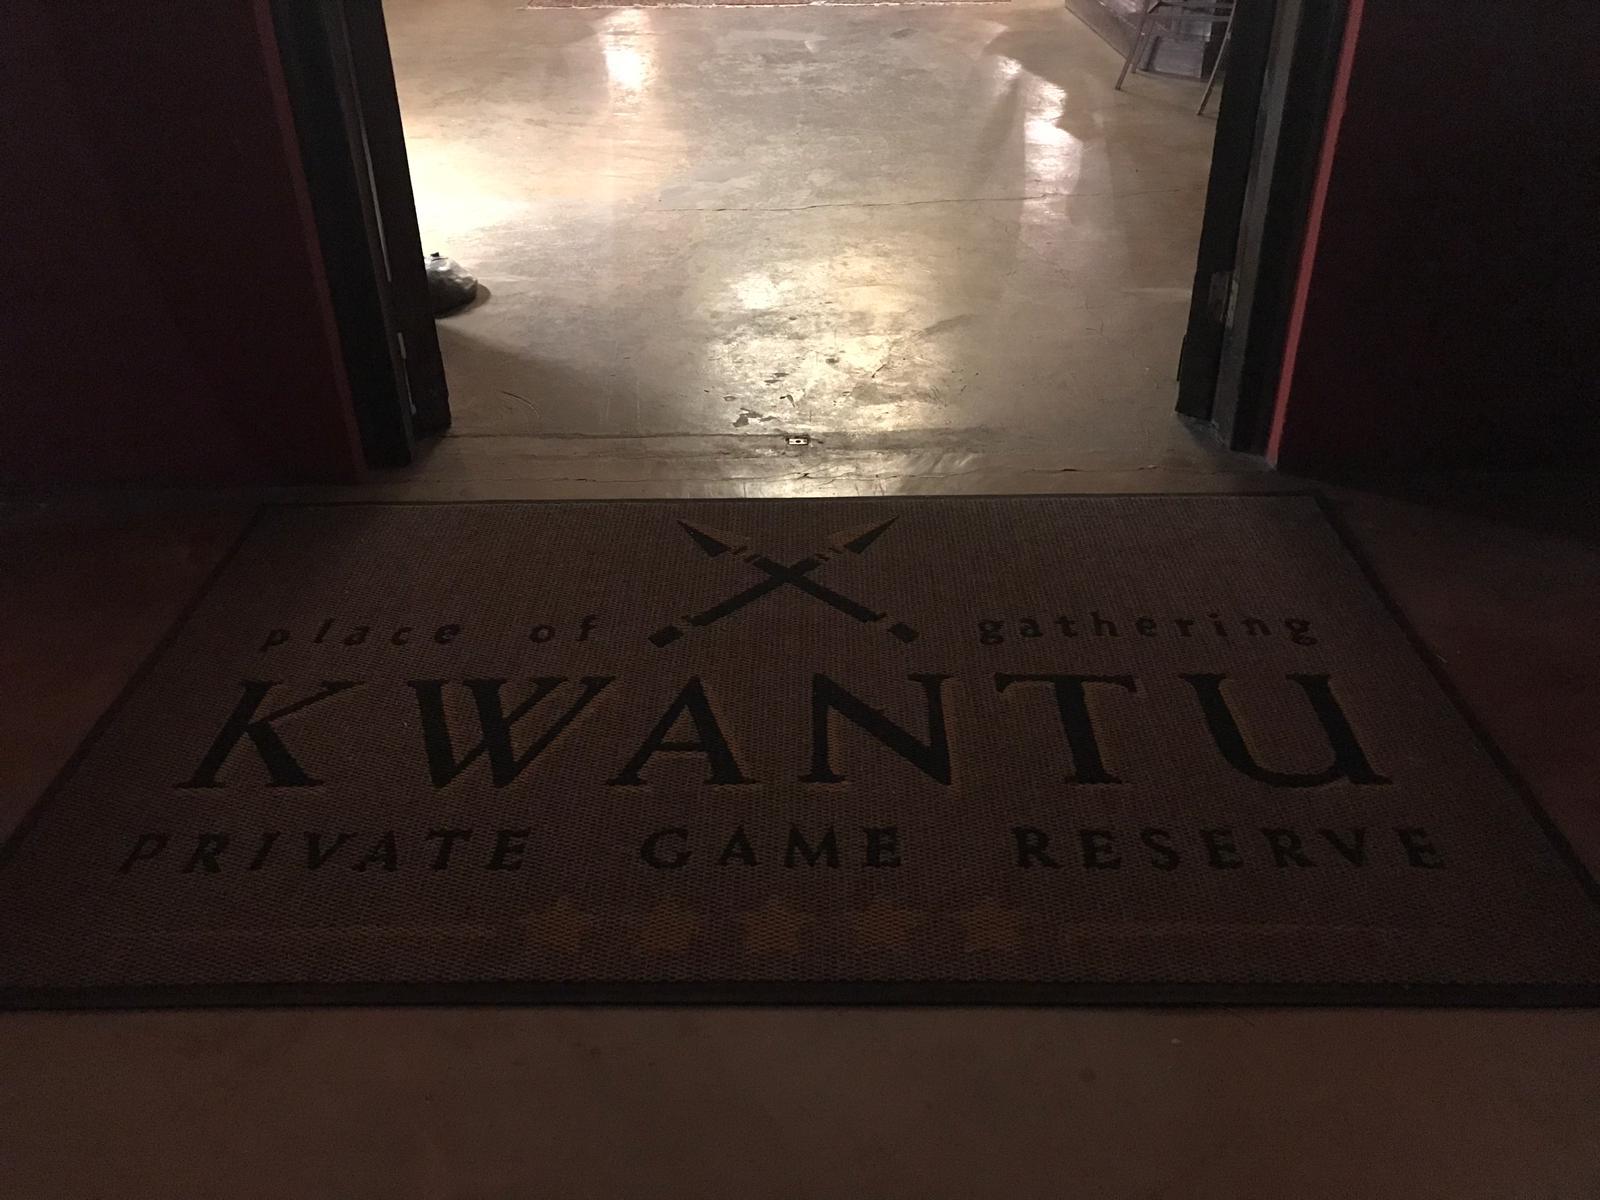 Bienvenidos a la reserva Kwantu